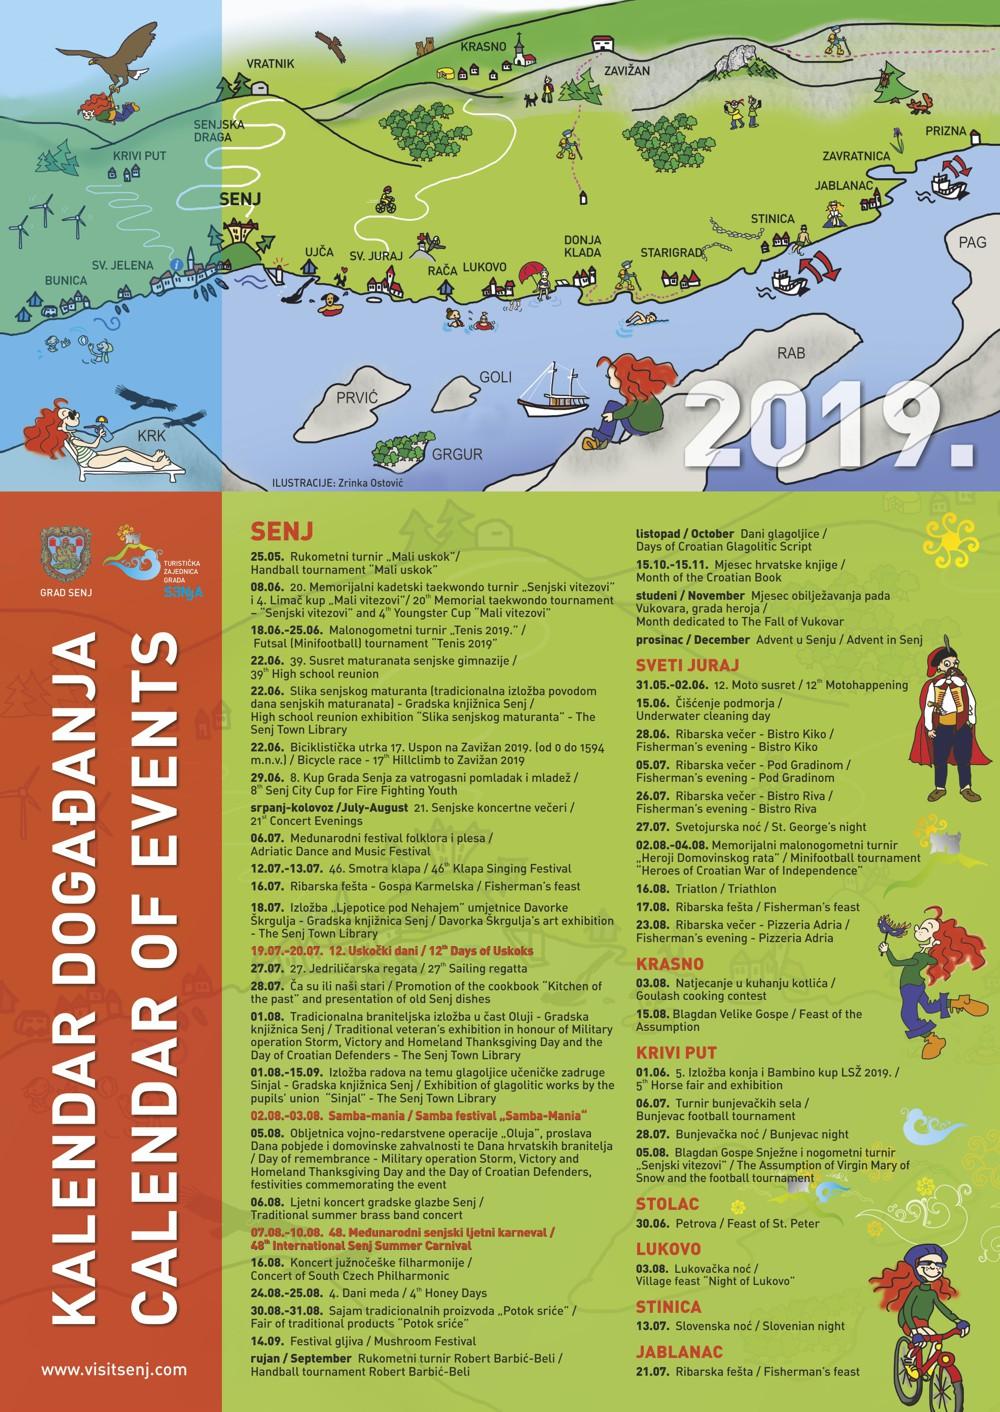 Kalendar_dogadjanja_2019-web